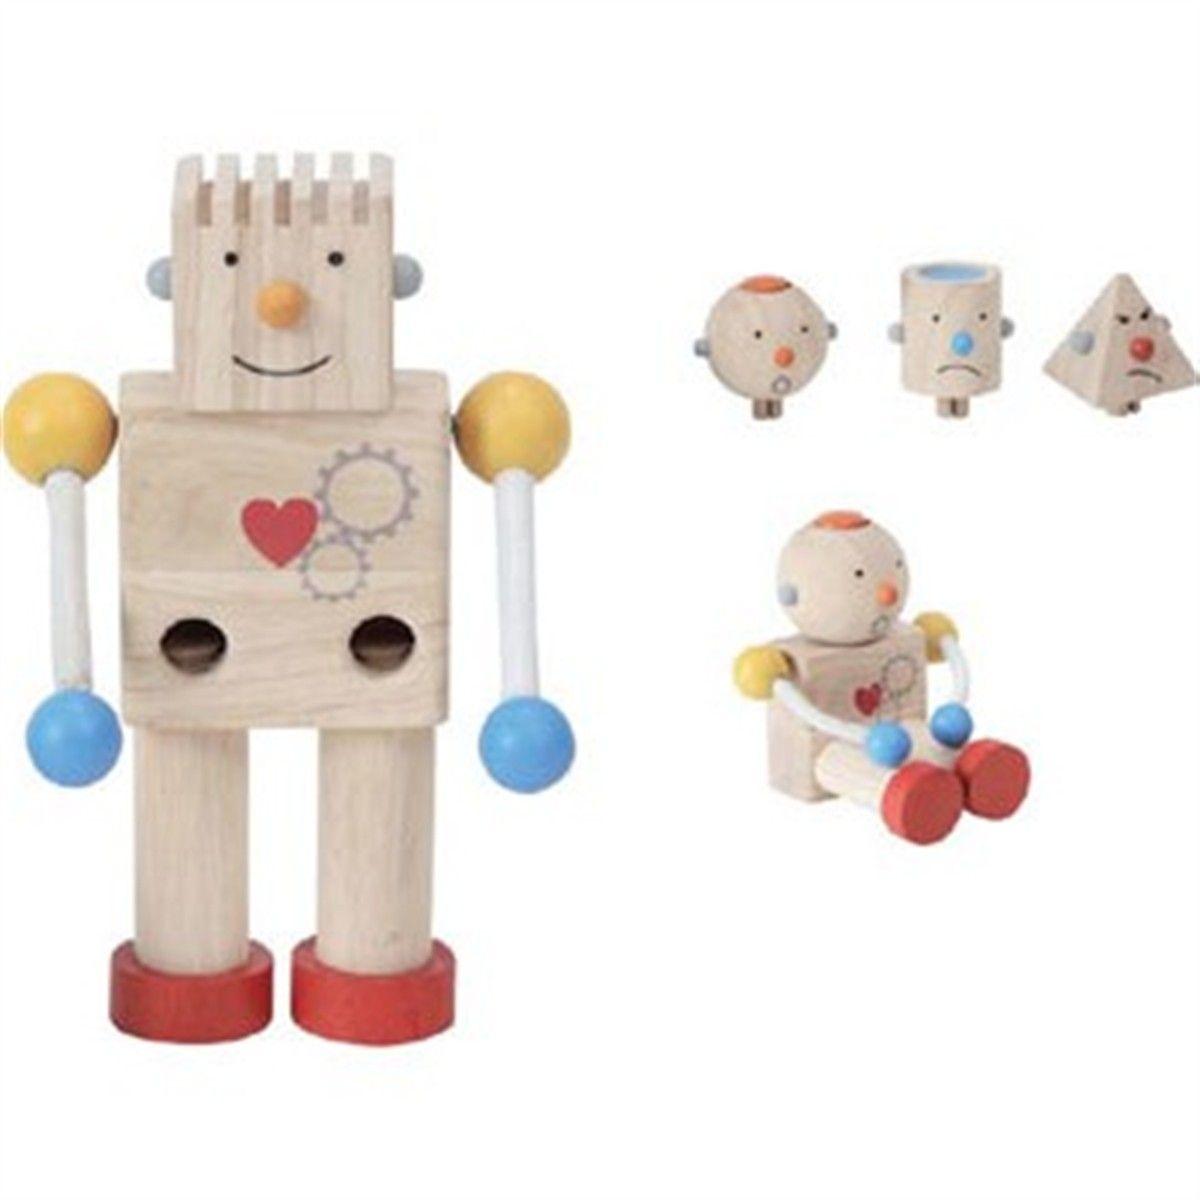 Robot De Juguete Construye Madera 27'60€Juguetes Pinterest Tu byfYvI76g